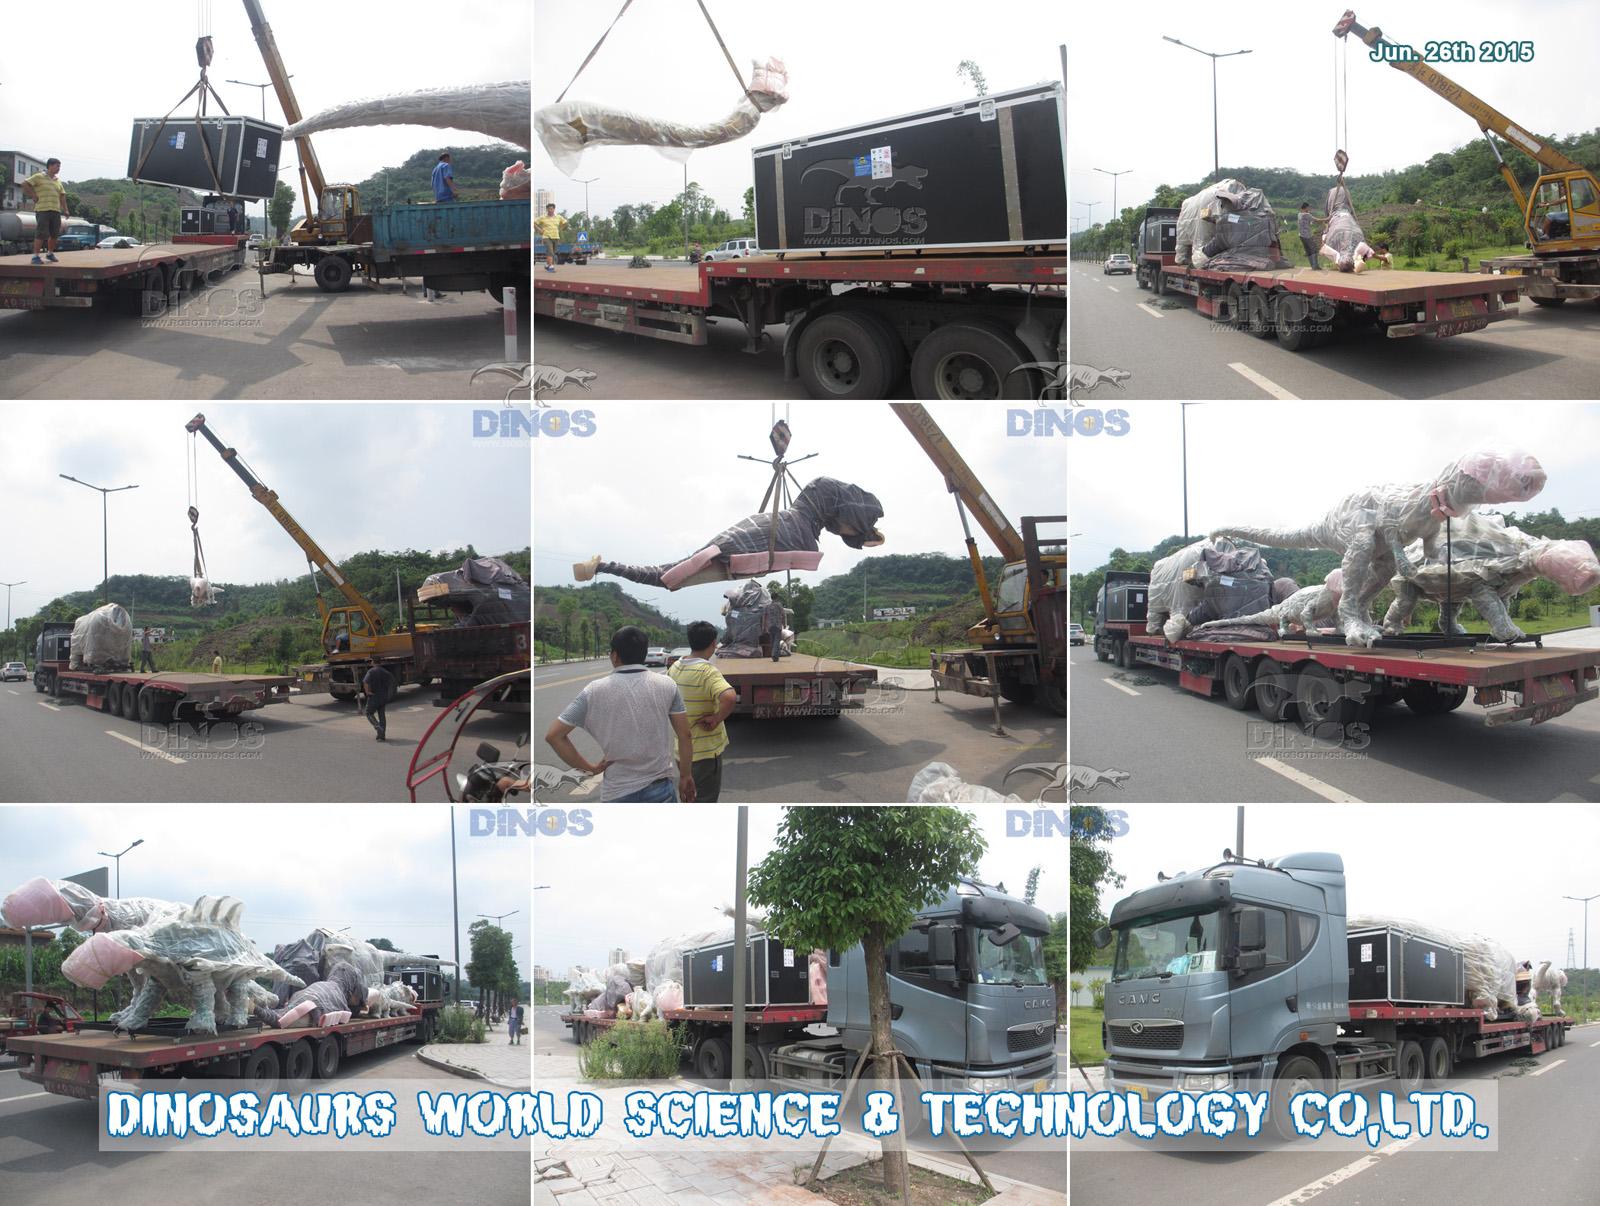 Prijevoz svih dinosaura od tvornice do luke Shenzhen 26. lipnja 2015